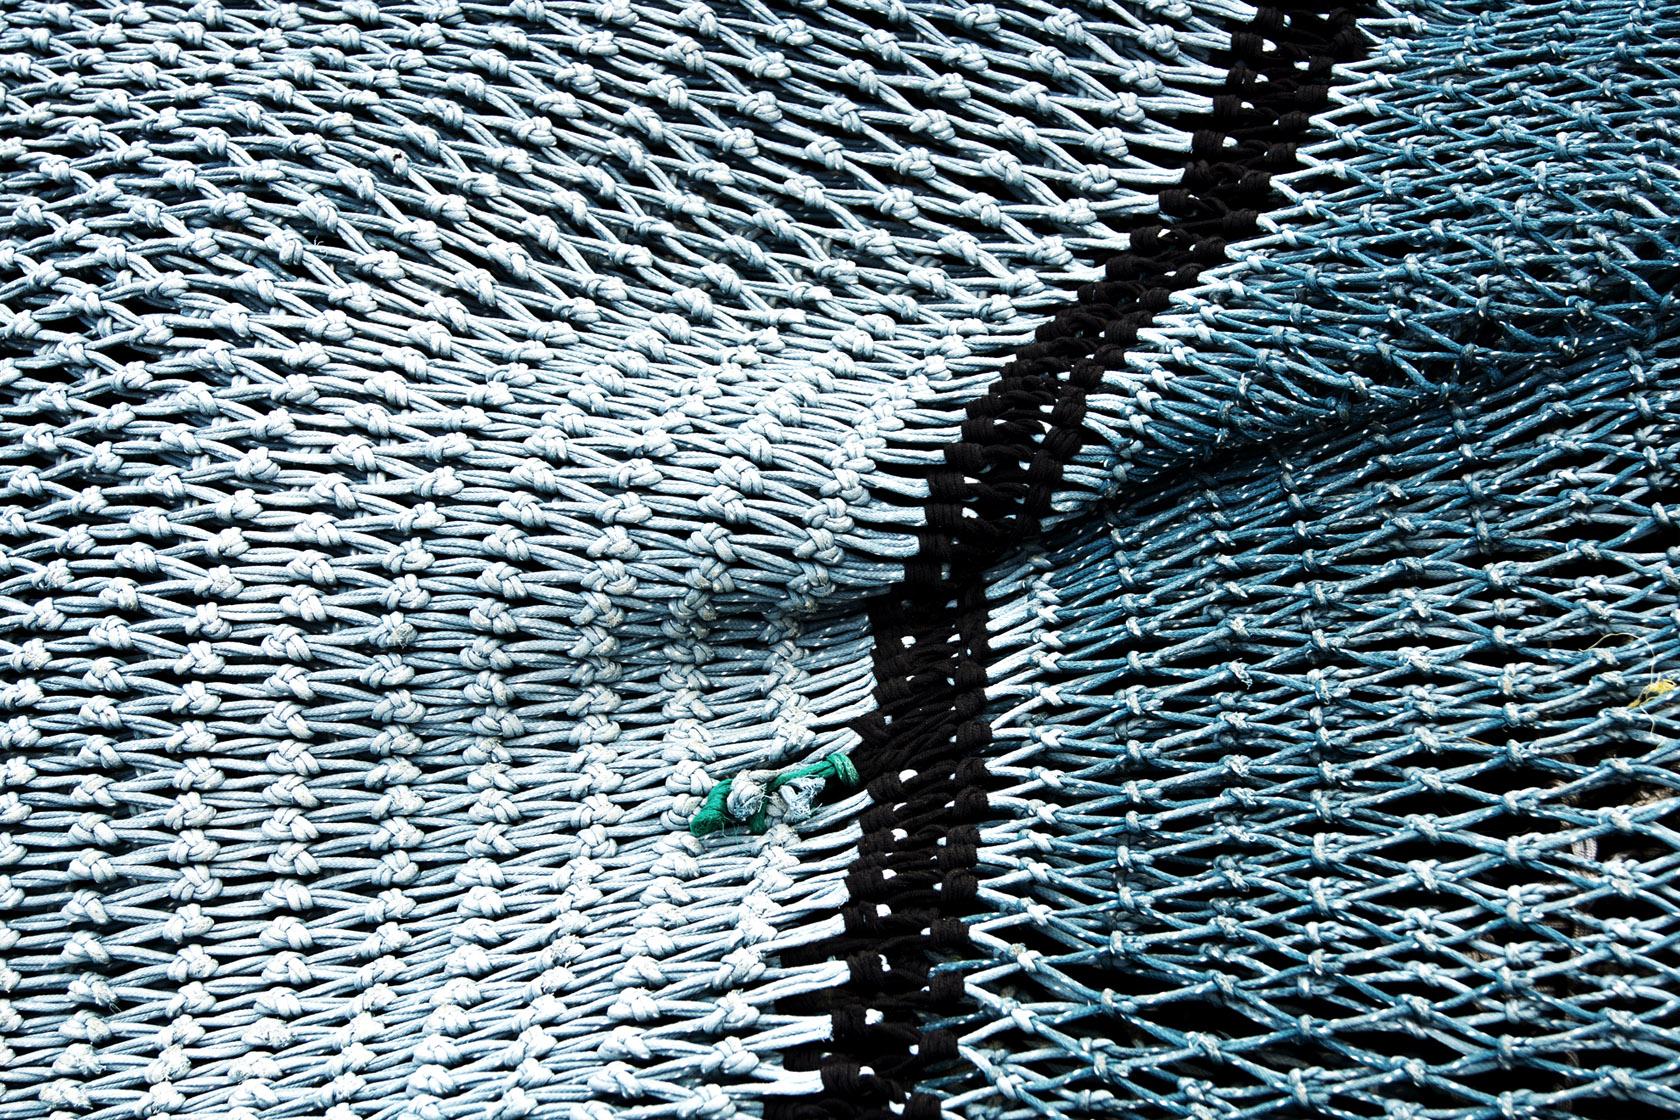 Point de raccord sur un filet de pêche : texture mer et tressage